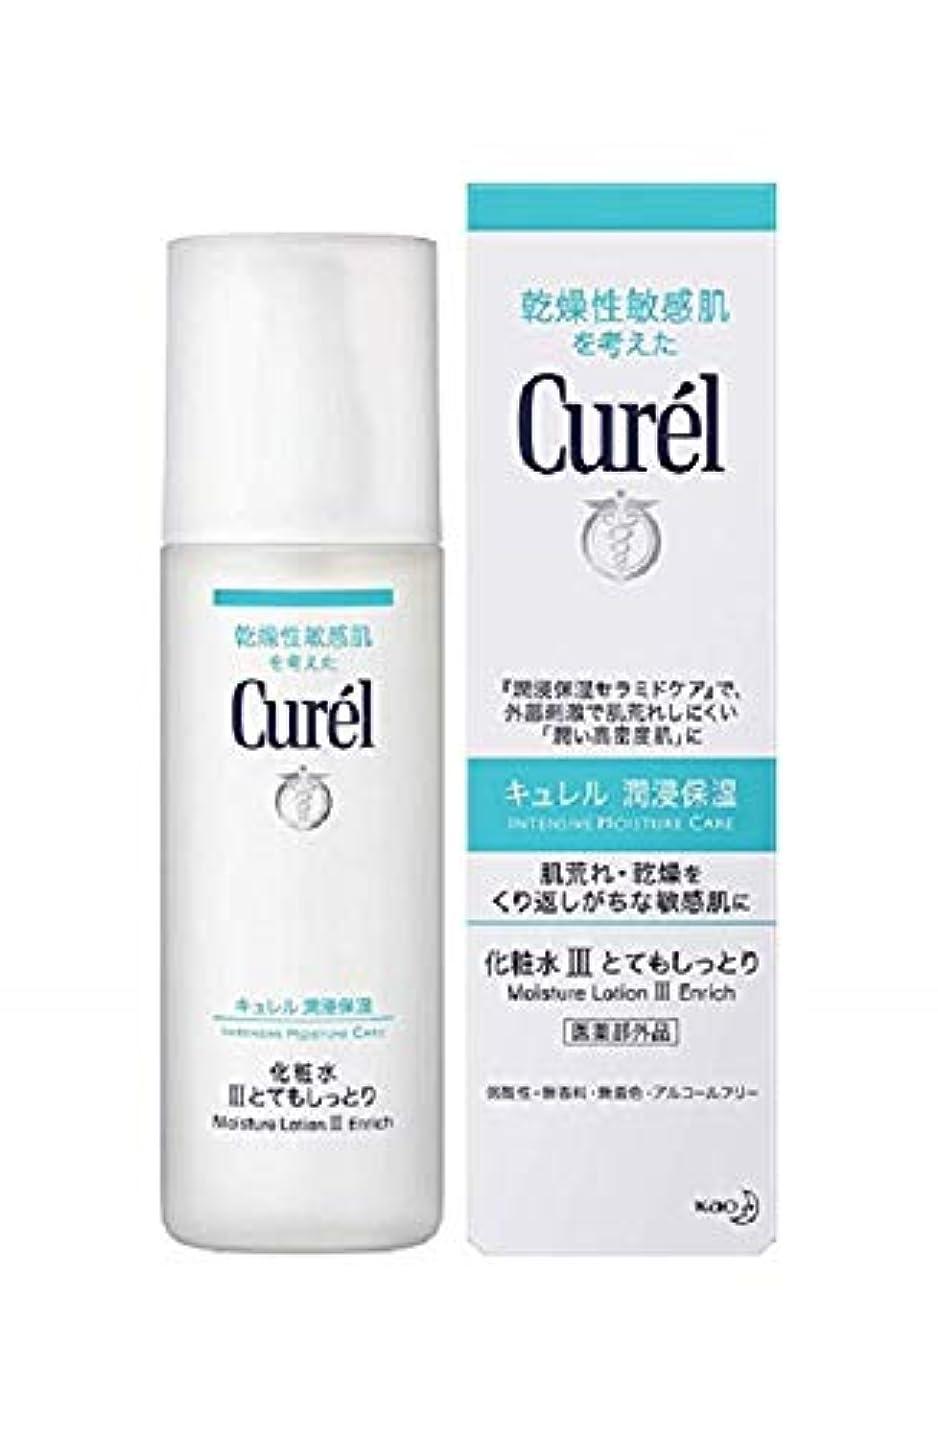 マーチャンダイジング実際に放課後Curél キューレルインテンシブモイスチャーローションiiiは、150mlの肌に自然なバリア機能を与え、肌を乾燥から守ります。